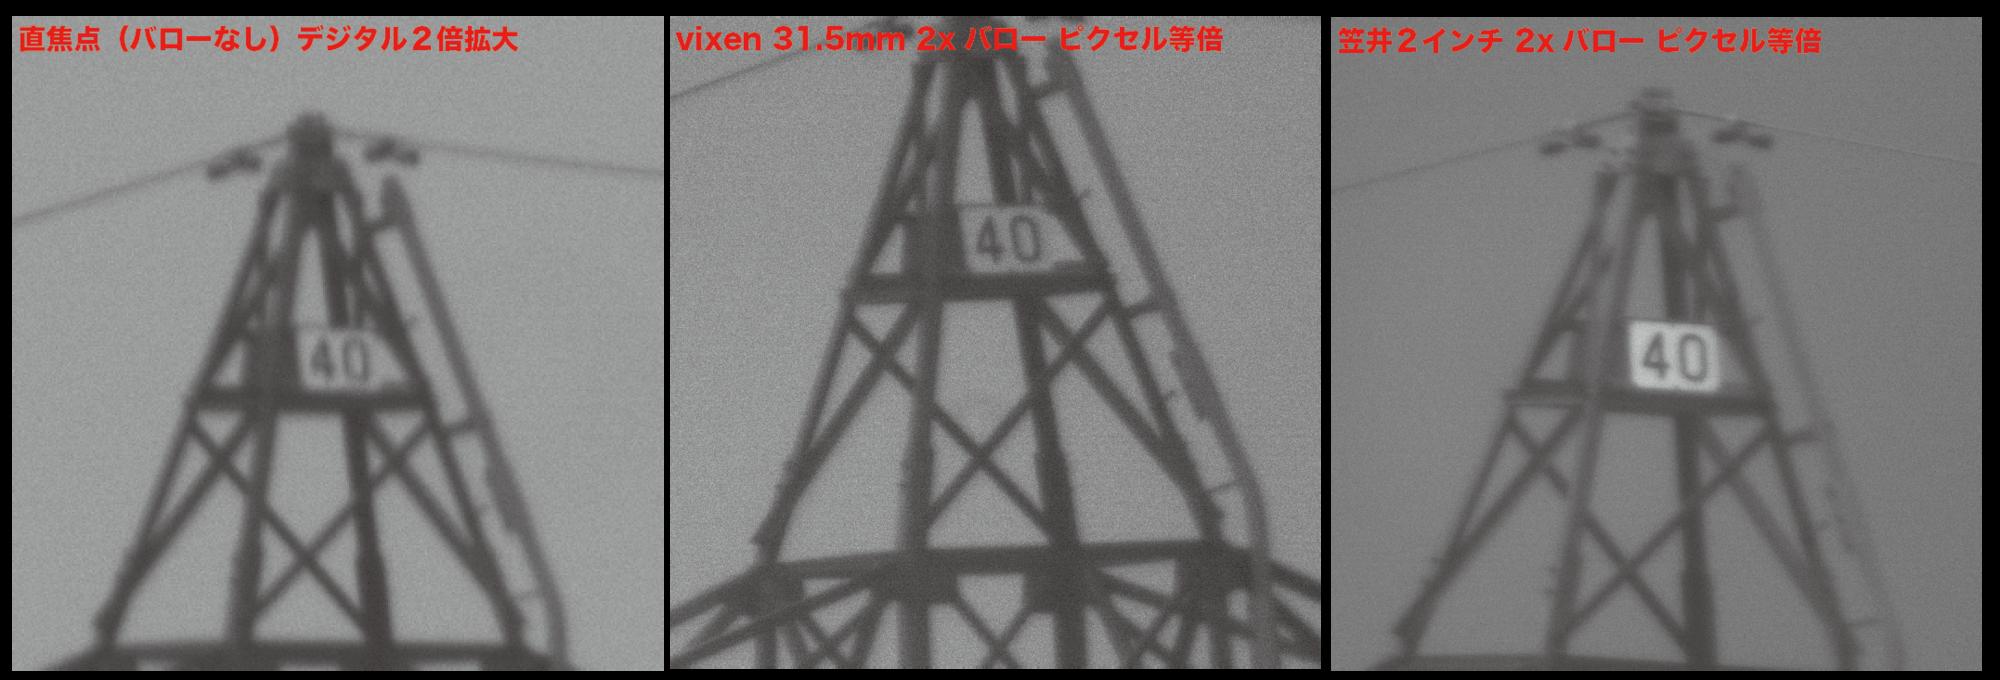 f:id:snct-astro:20180612185310p:plain